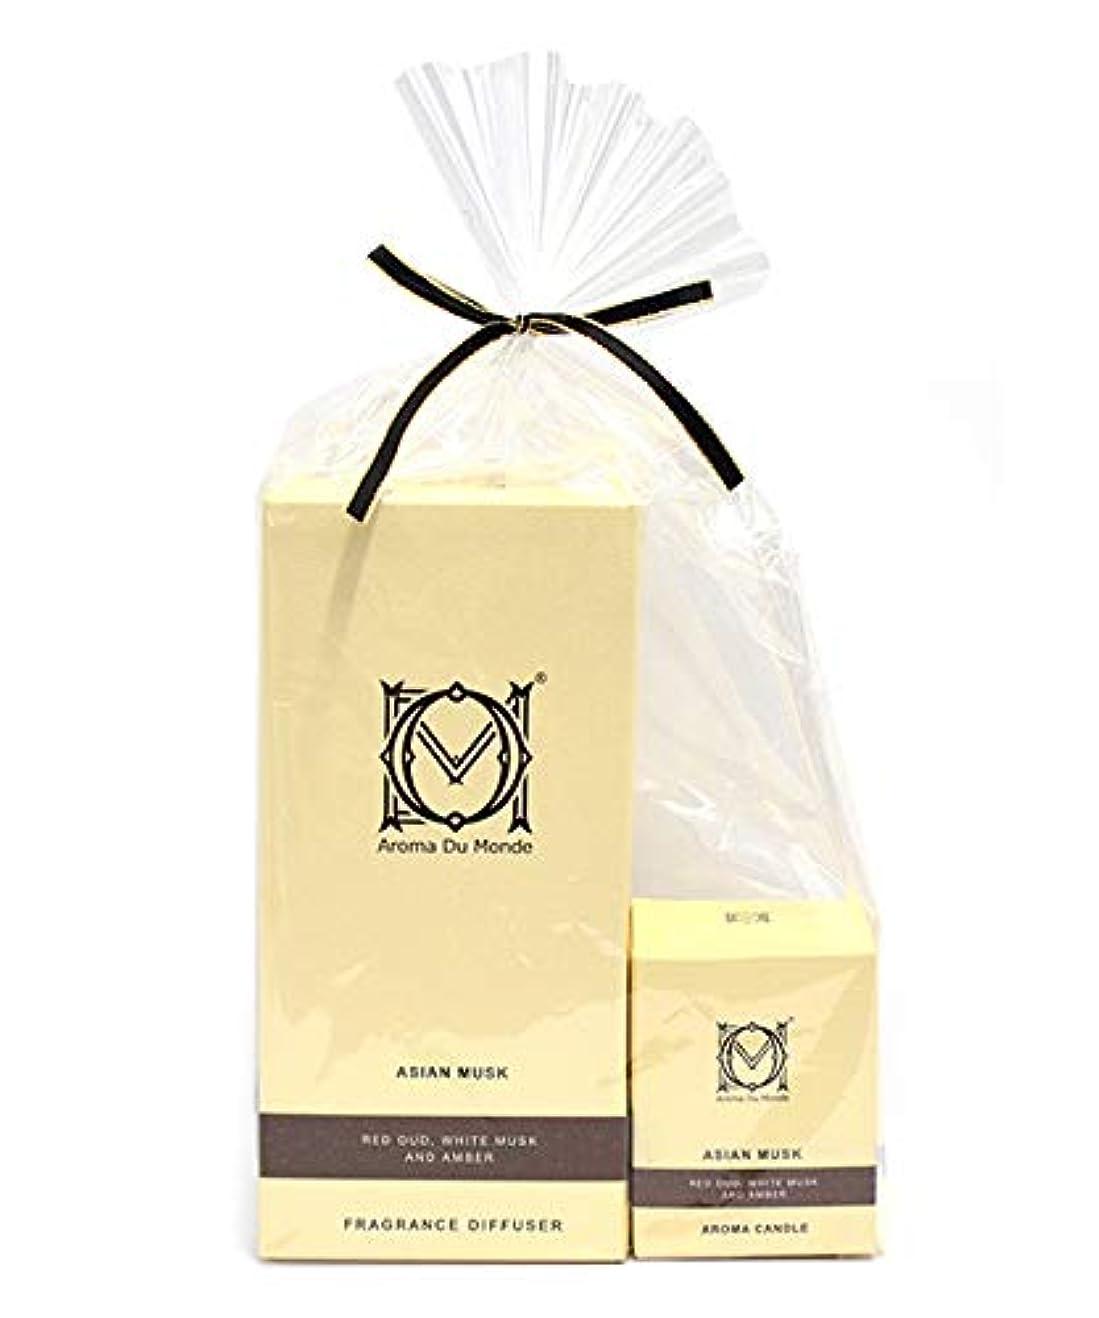 君主制バルーンうそつきフレグランスディフューザー&キャンドル アジアンムスク セット Aroma Du Monde/ADM Fragrance Diffuser & Candle Asian Musk Set 81157